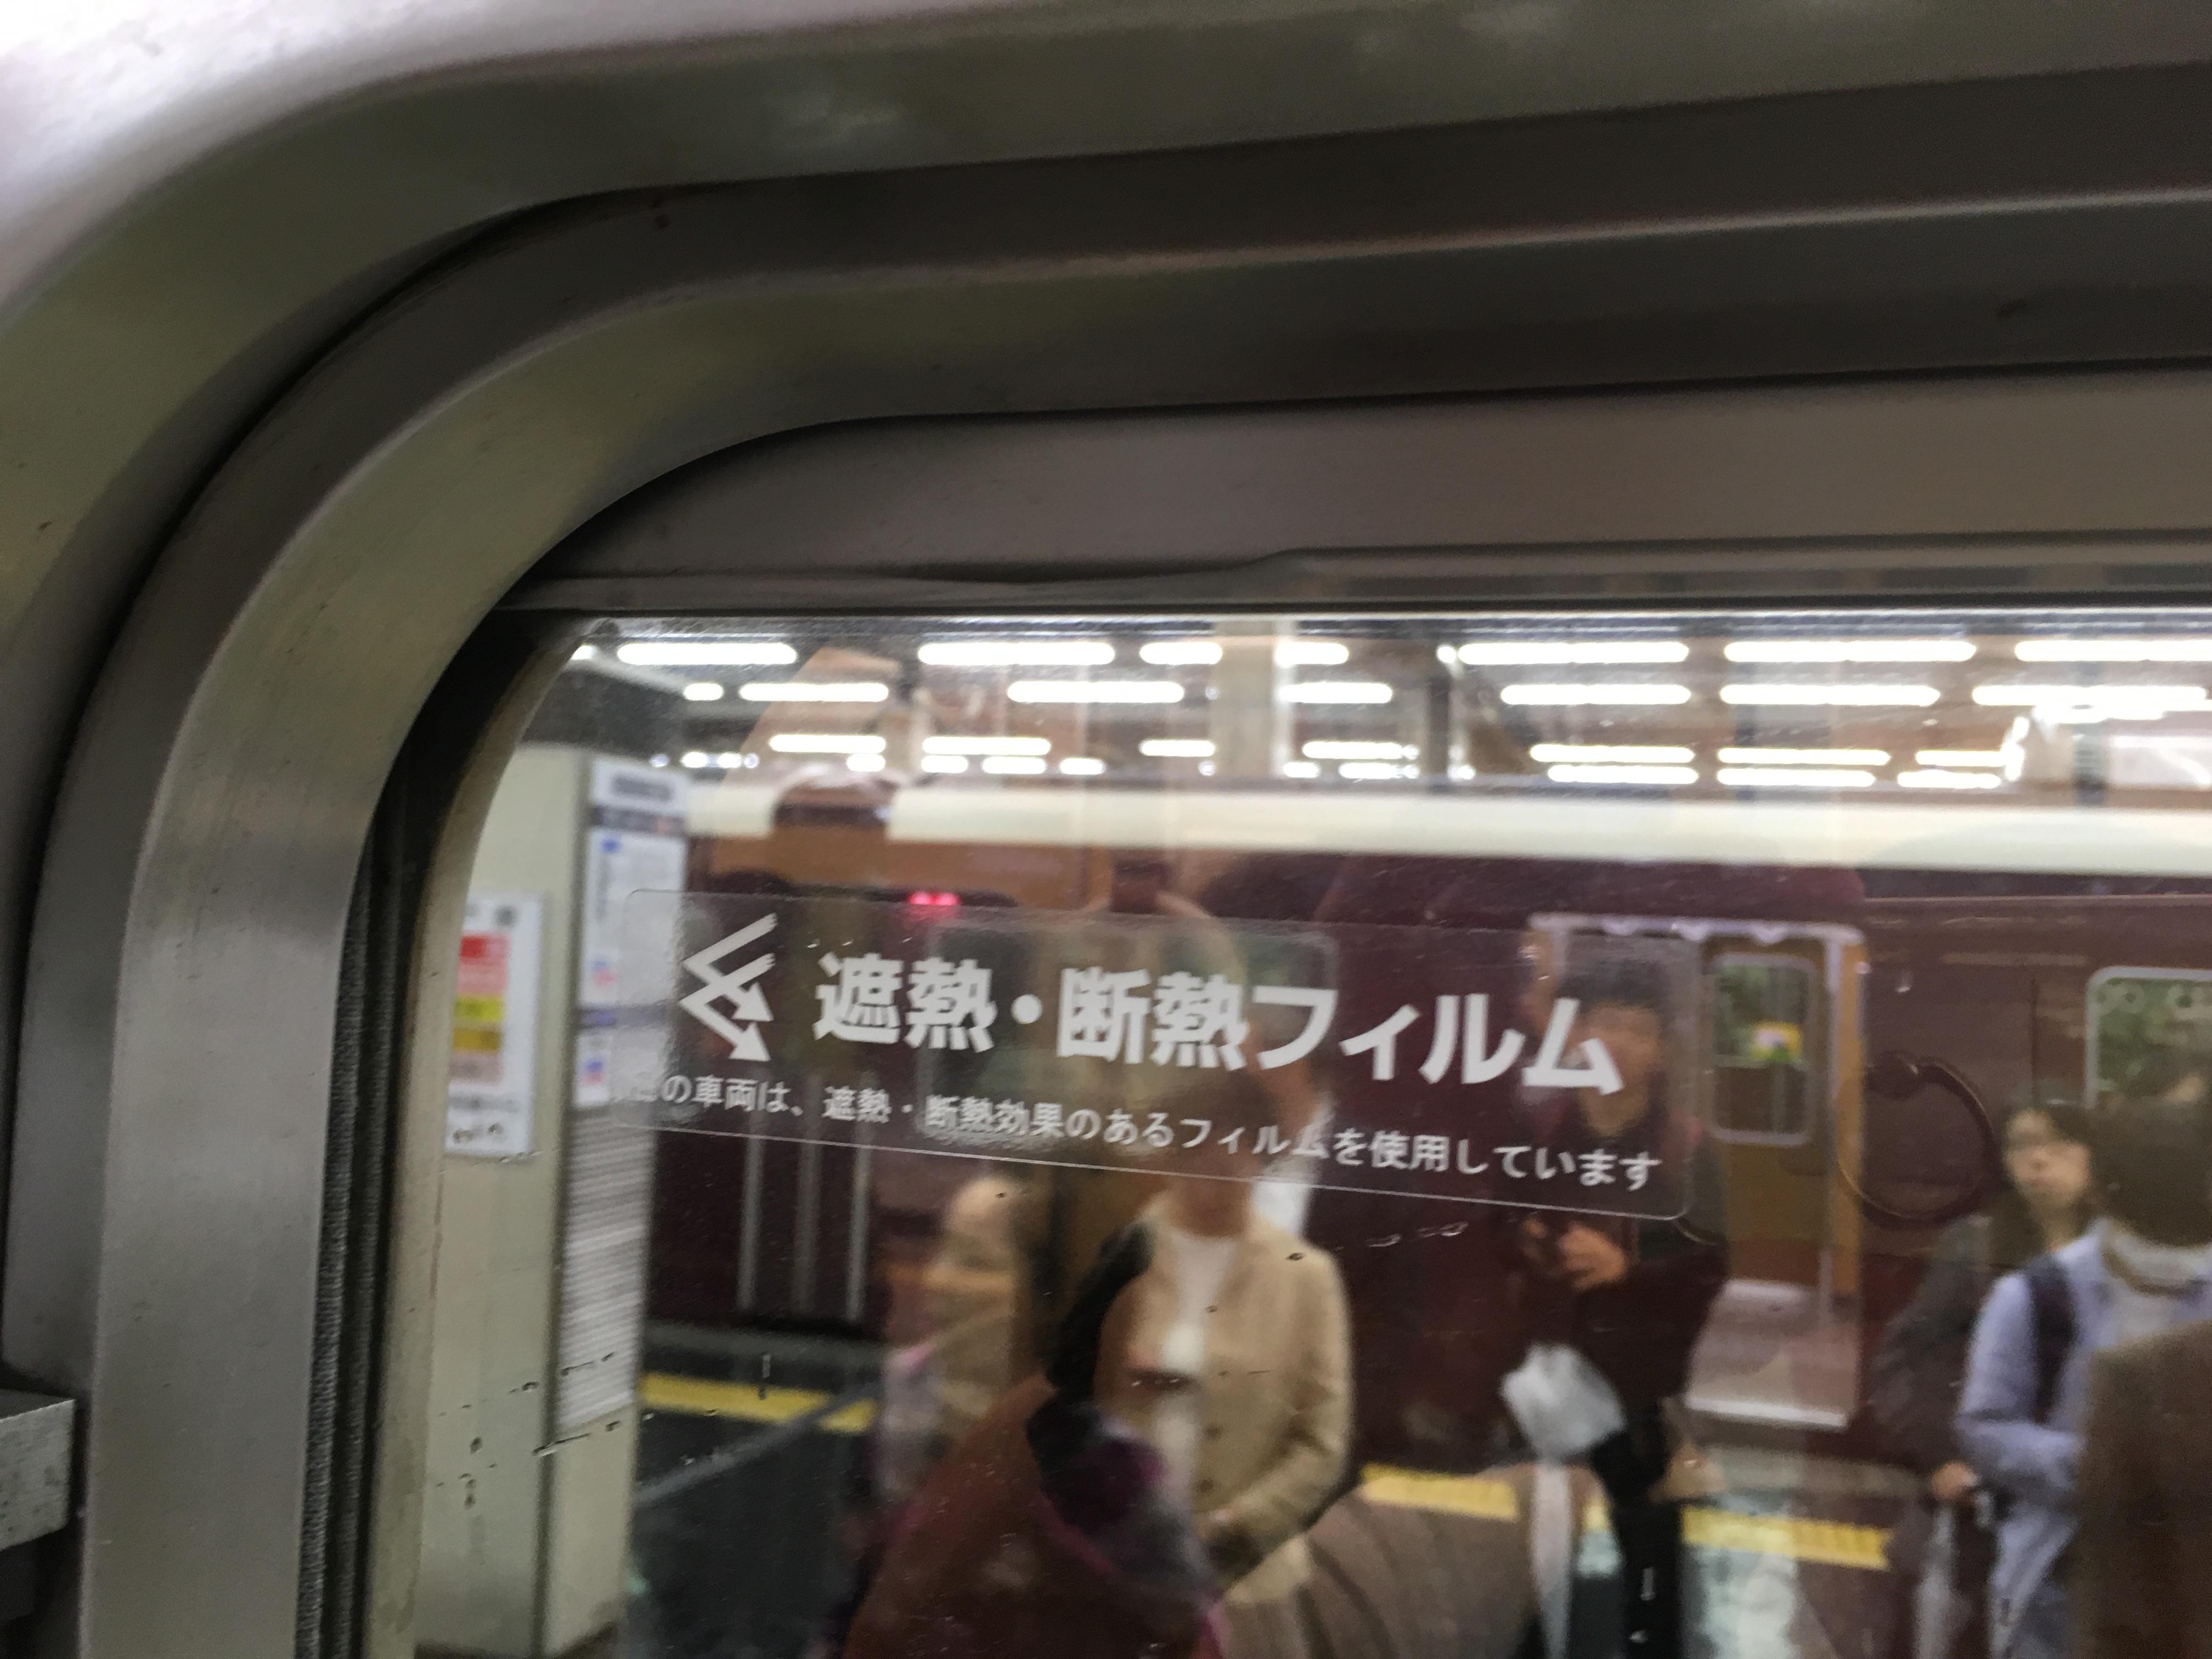 ご存知ですか? 私鉄電車の窓ガラスを見てみて!